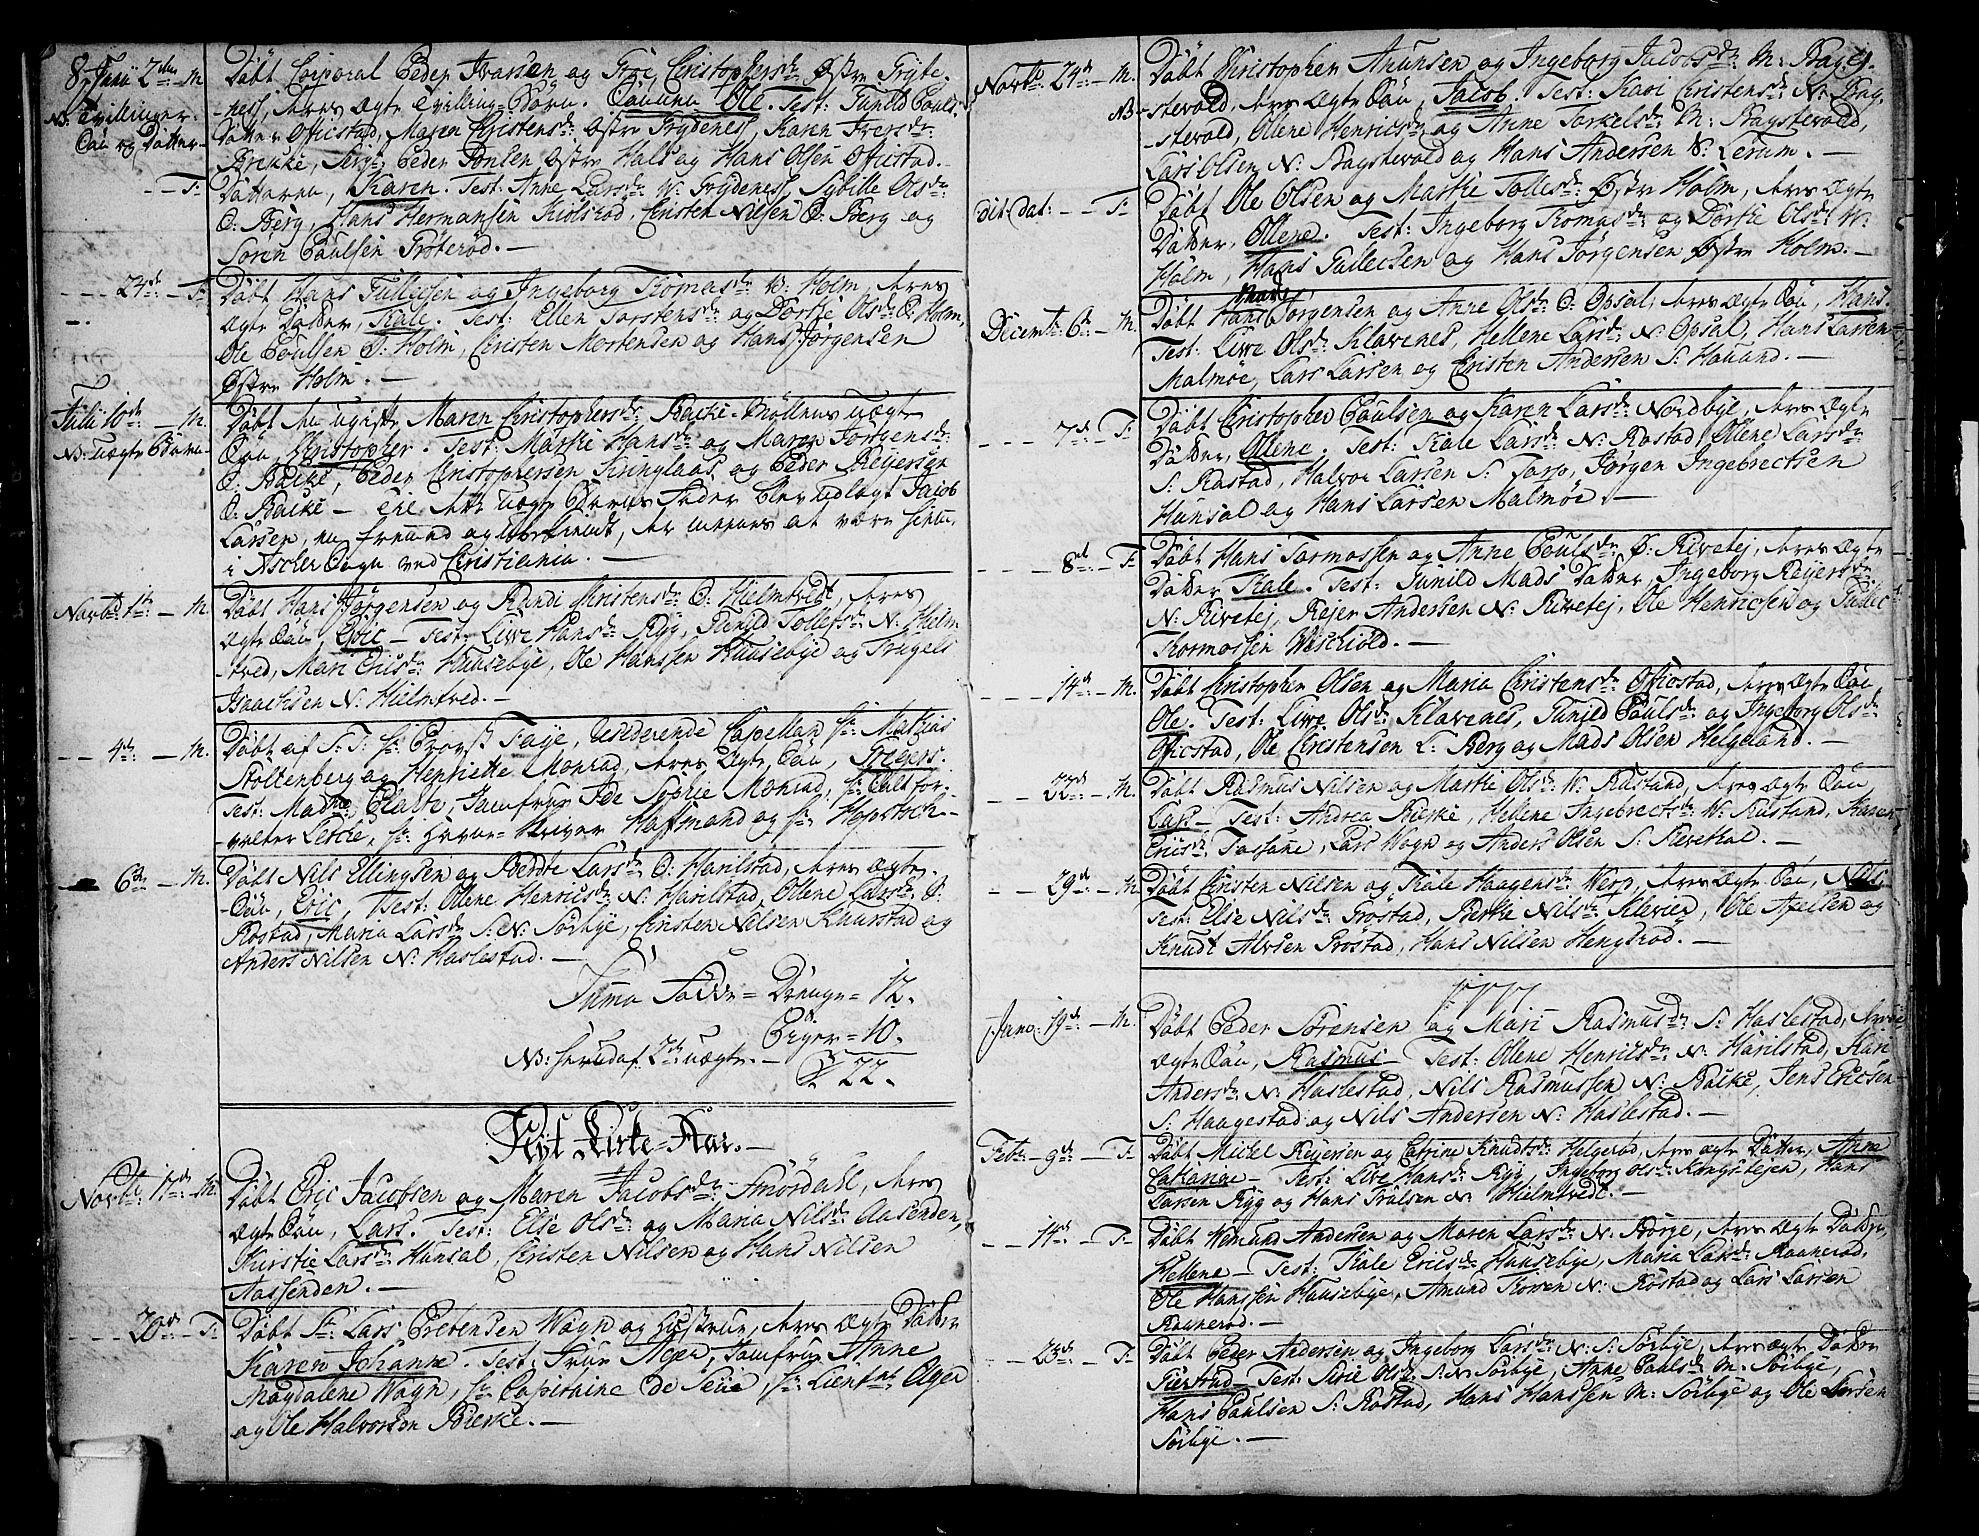 SAKO, Våle kirkebøker, F/Fa/L0005: Ministerialbok nr. I 5, 1773-1808, s. 8-9